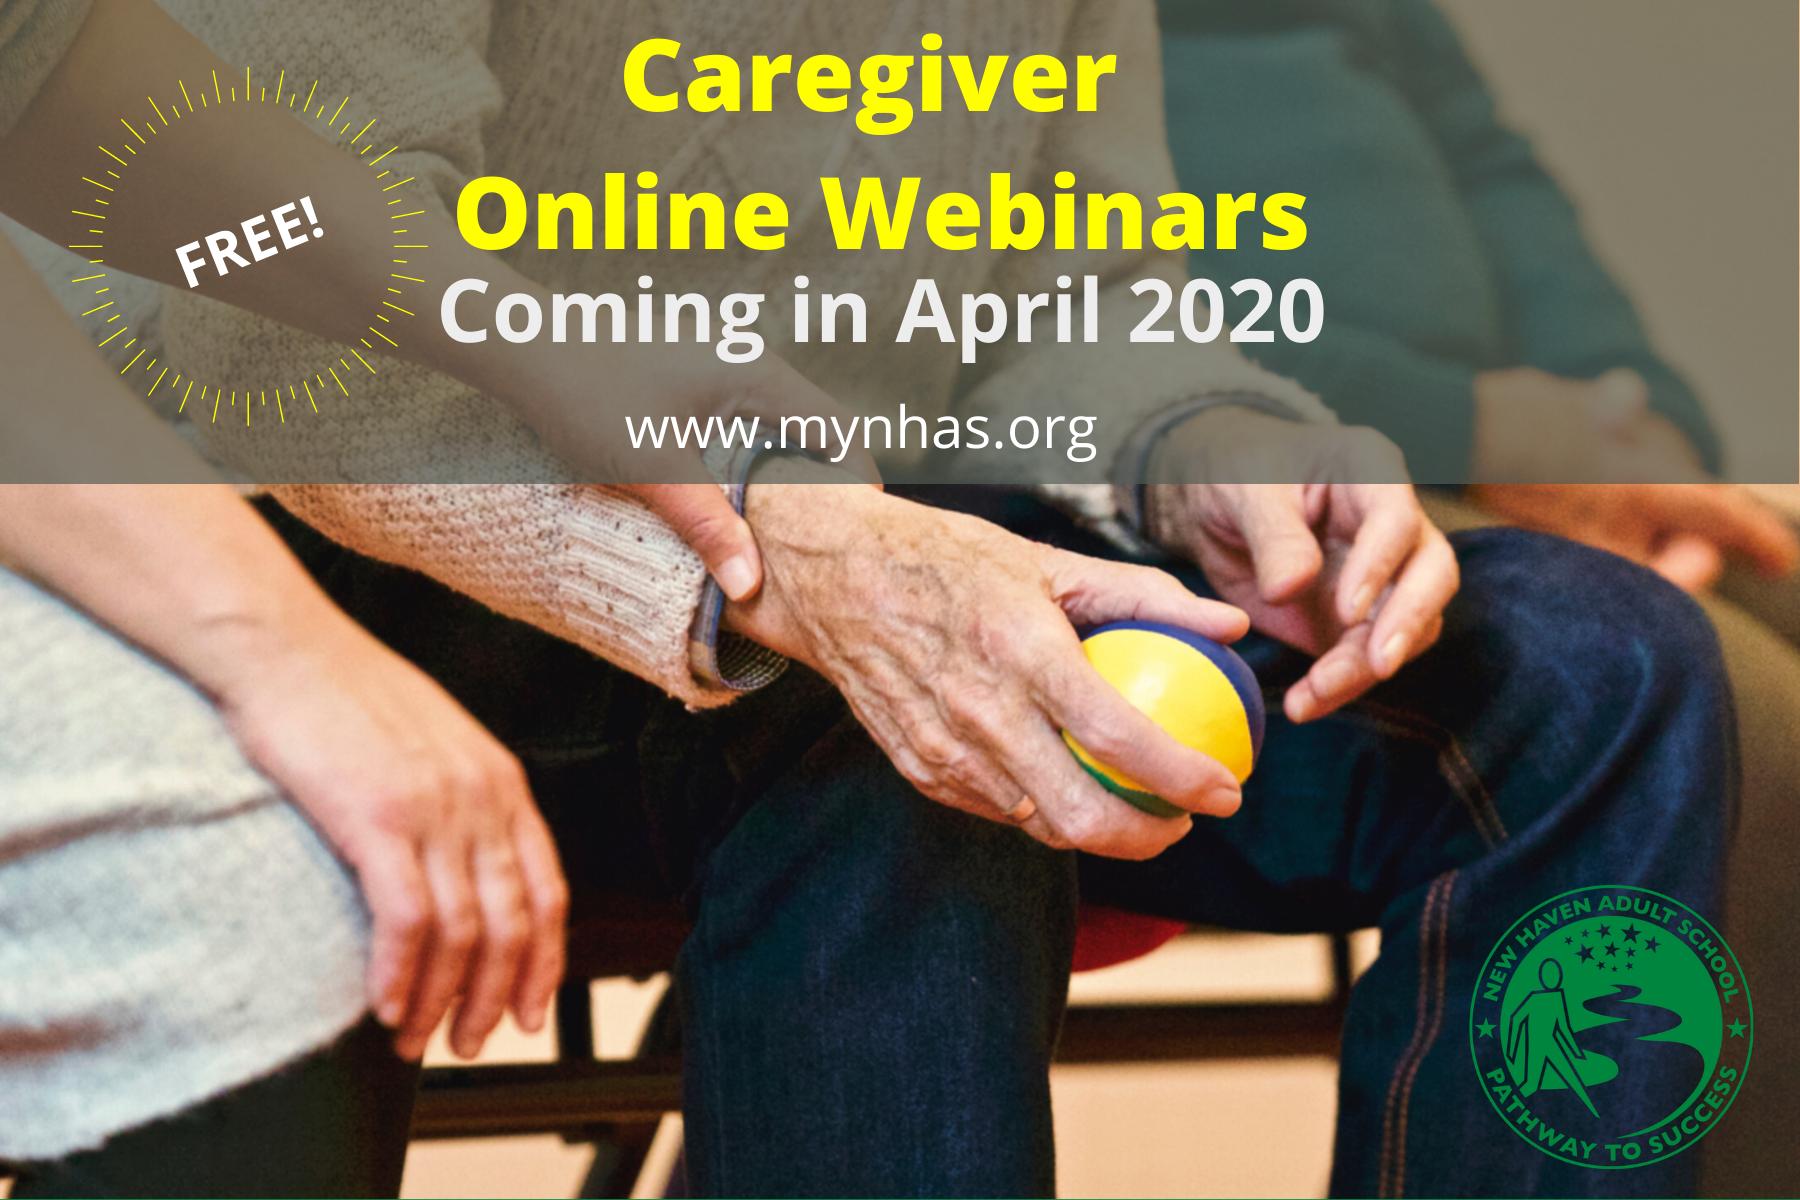 CaregiverWebinar